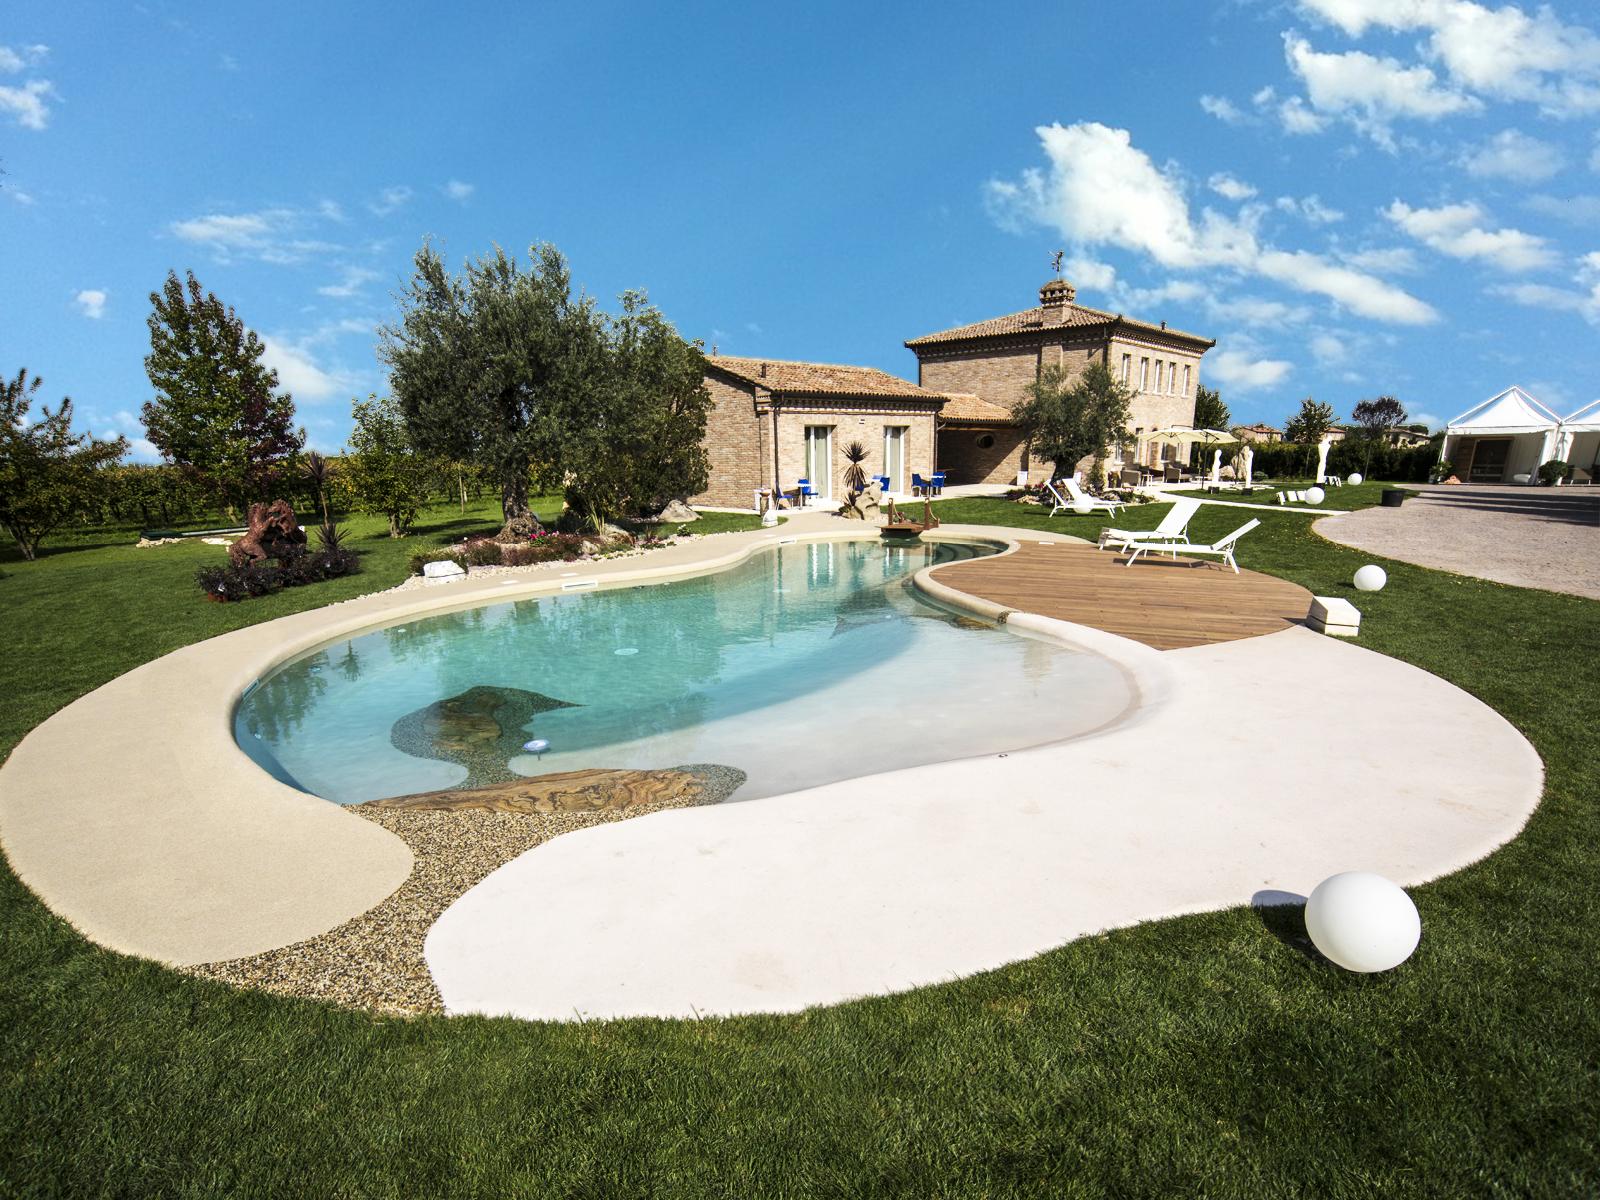 piscina unica relaqua